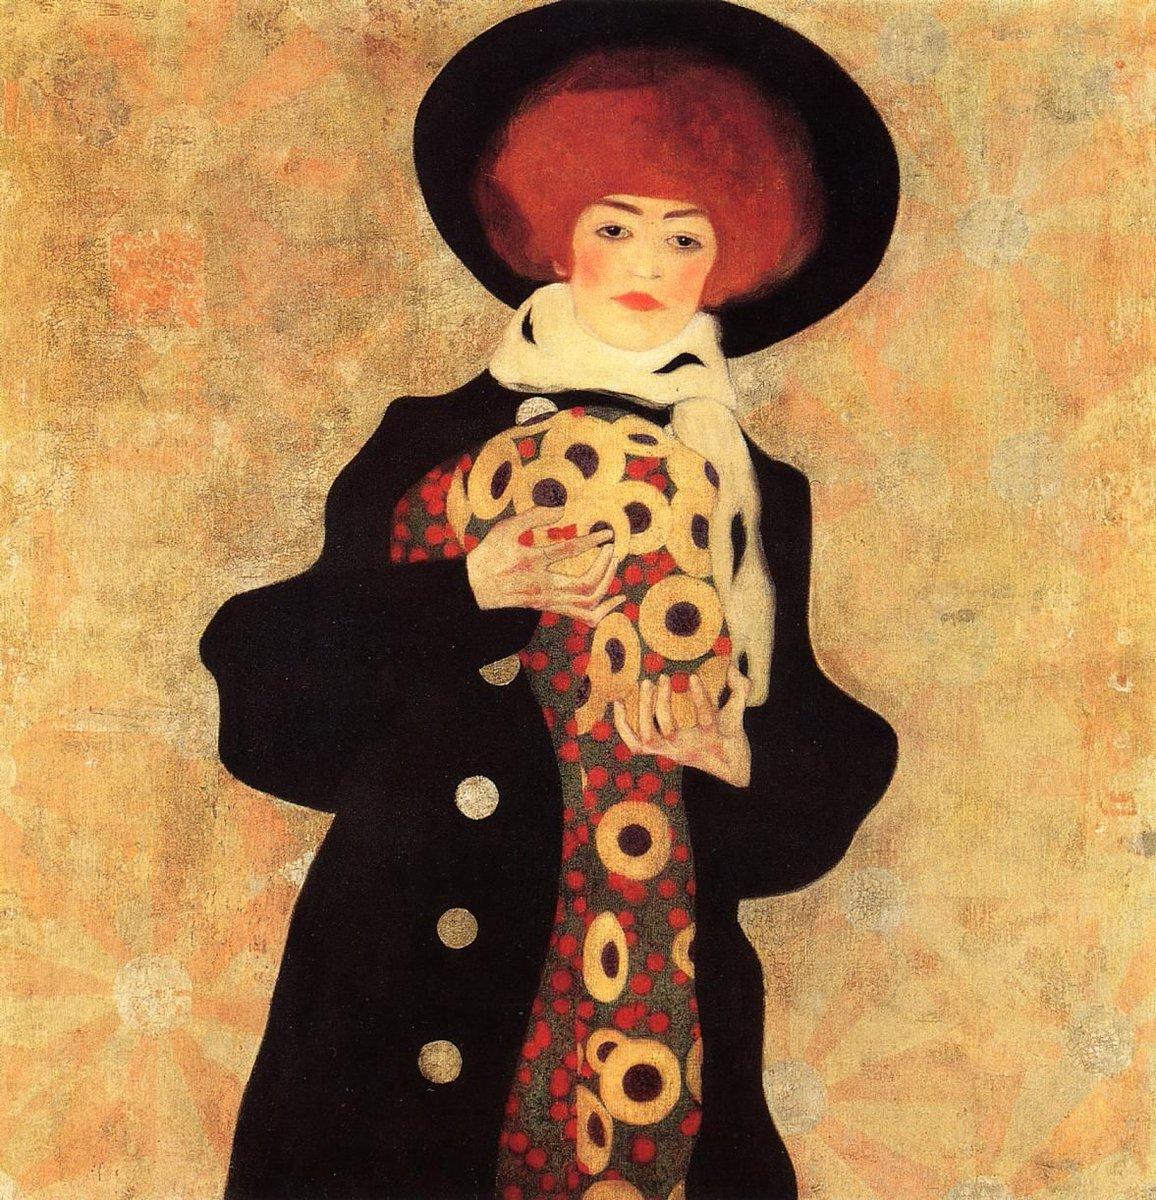 Egon Schiele, Femme au chapeau noir, 1909, via Pinterest